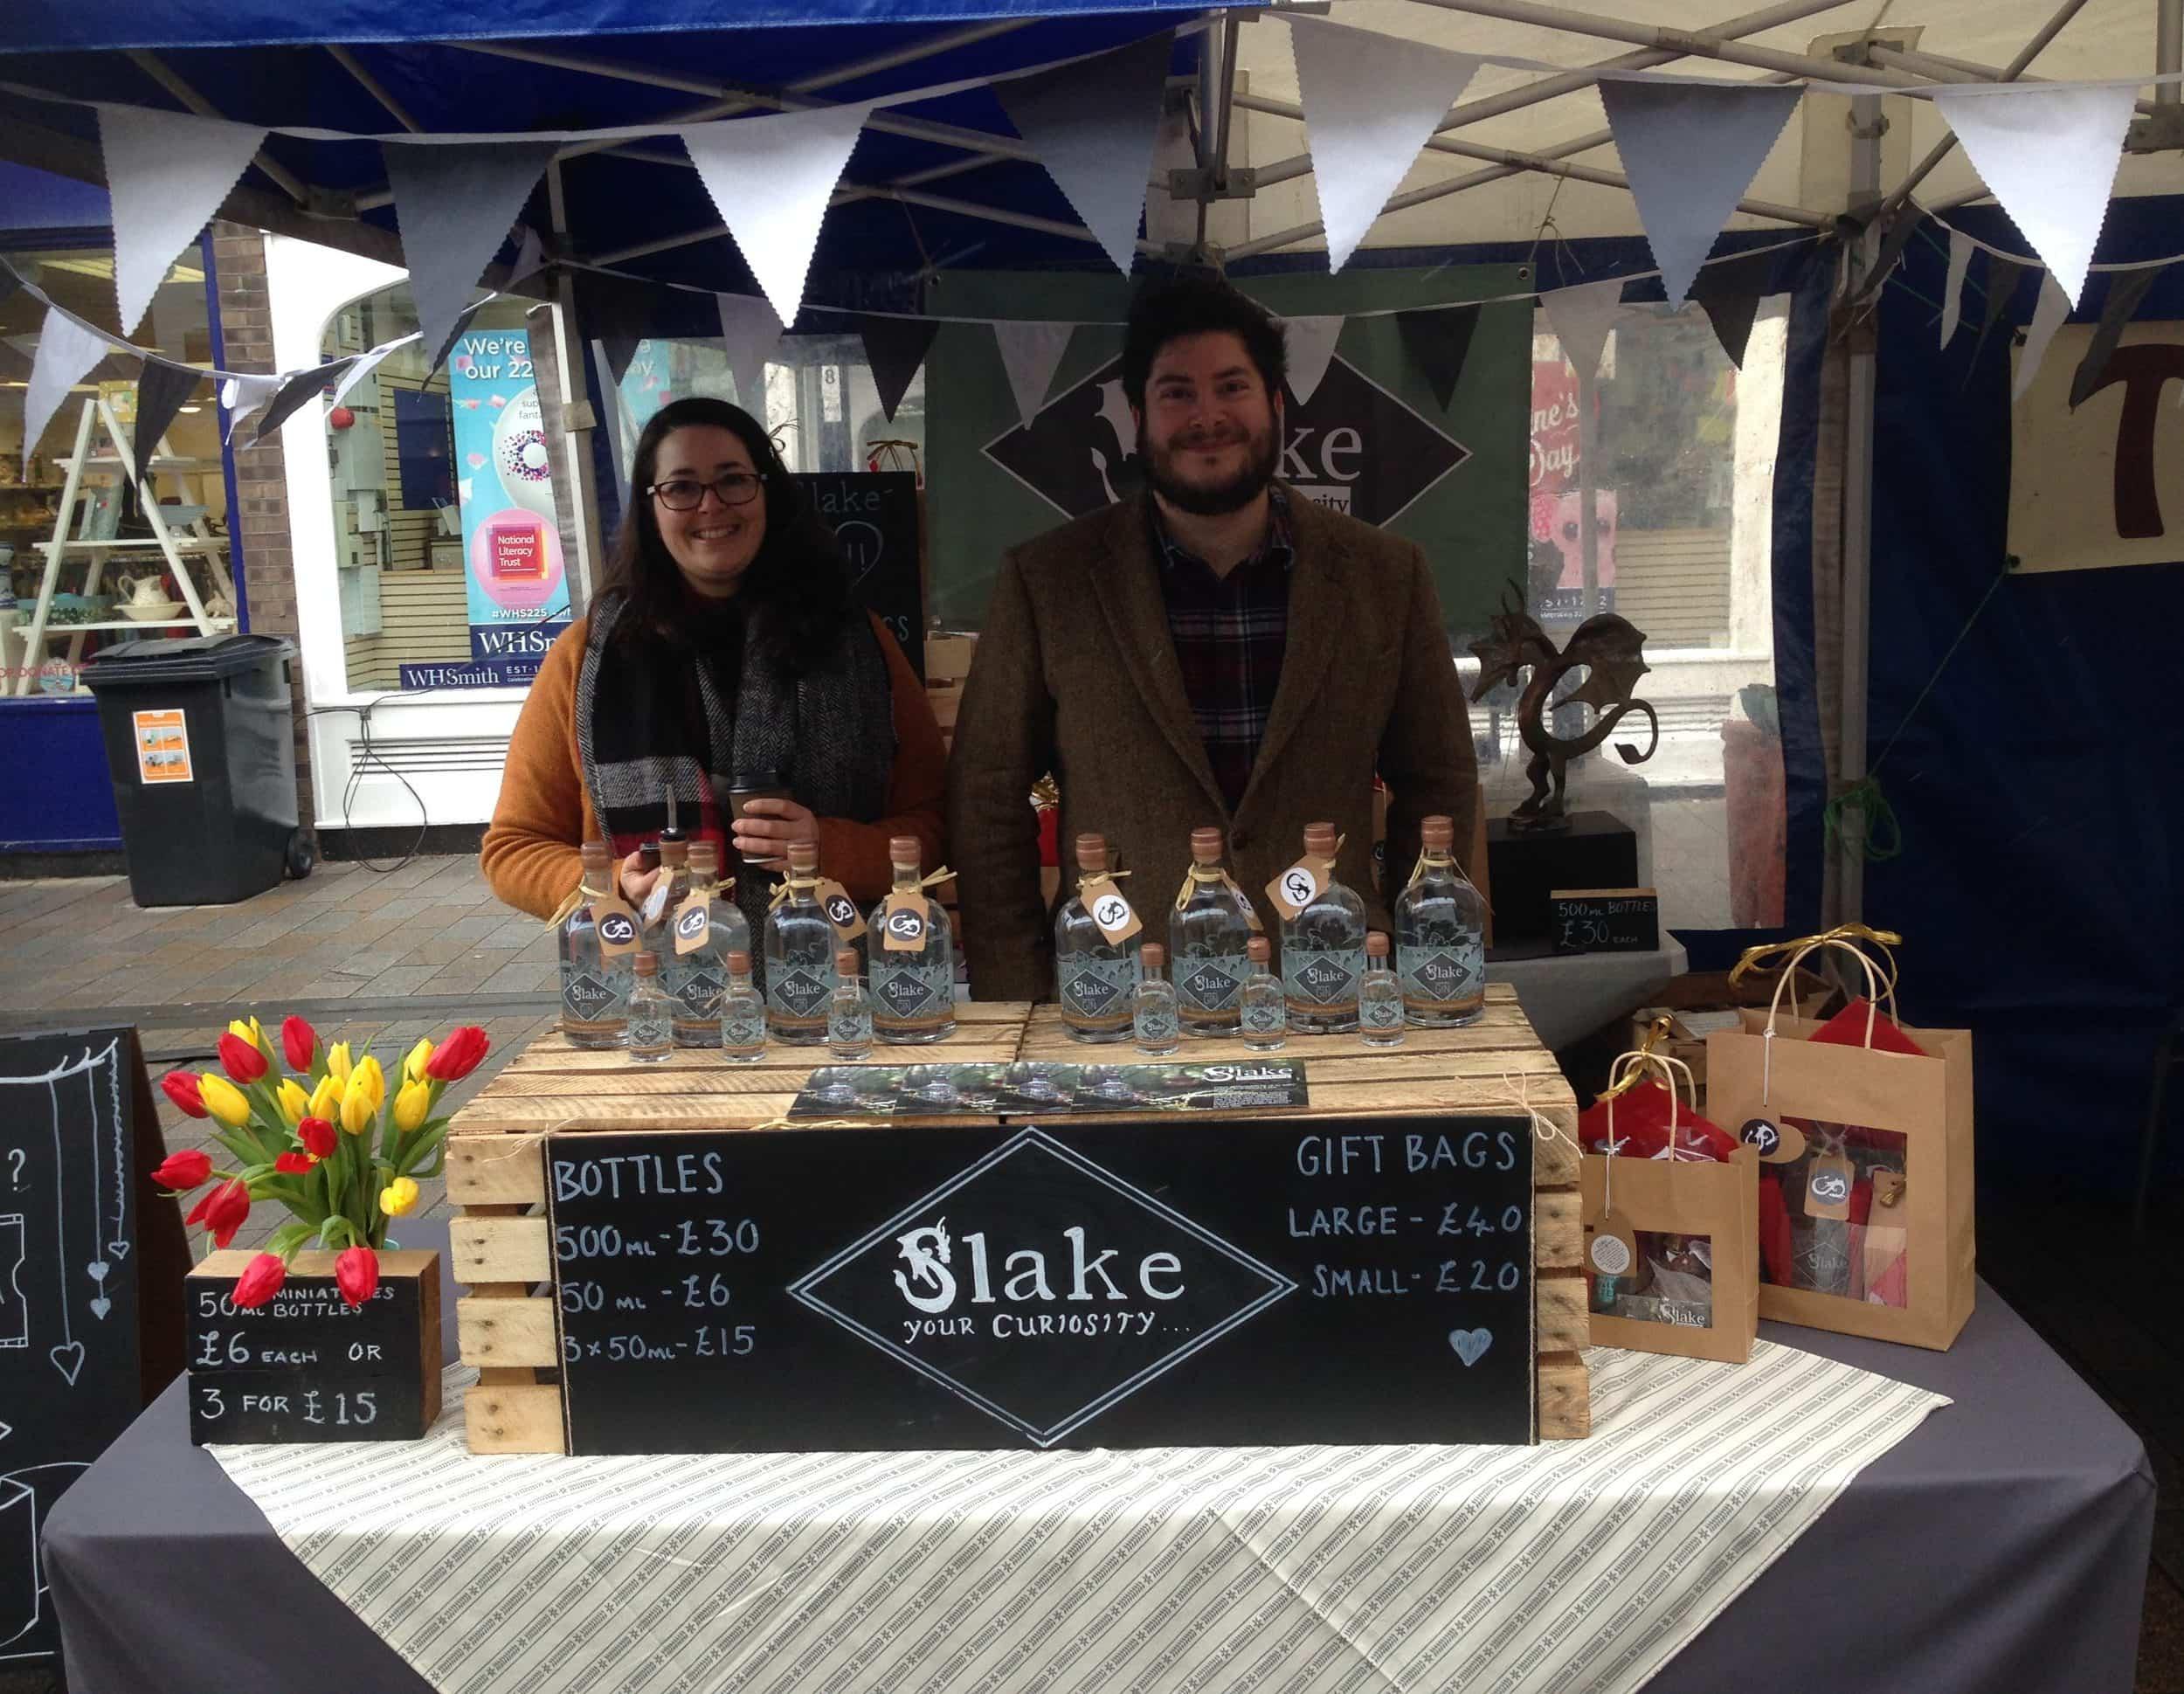 Slake's Market Stall at Shoreham Farmer's Market in Shoreham-by-Sea, West Sussex